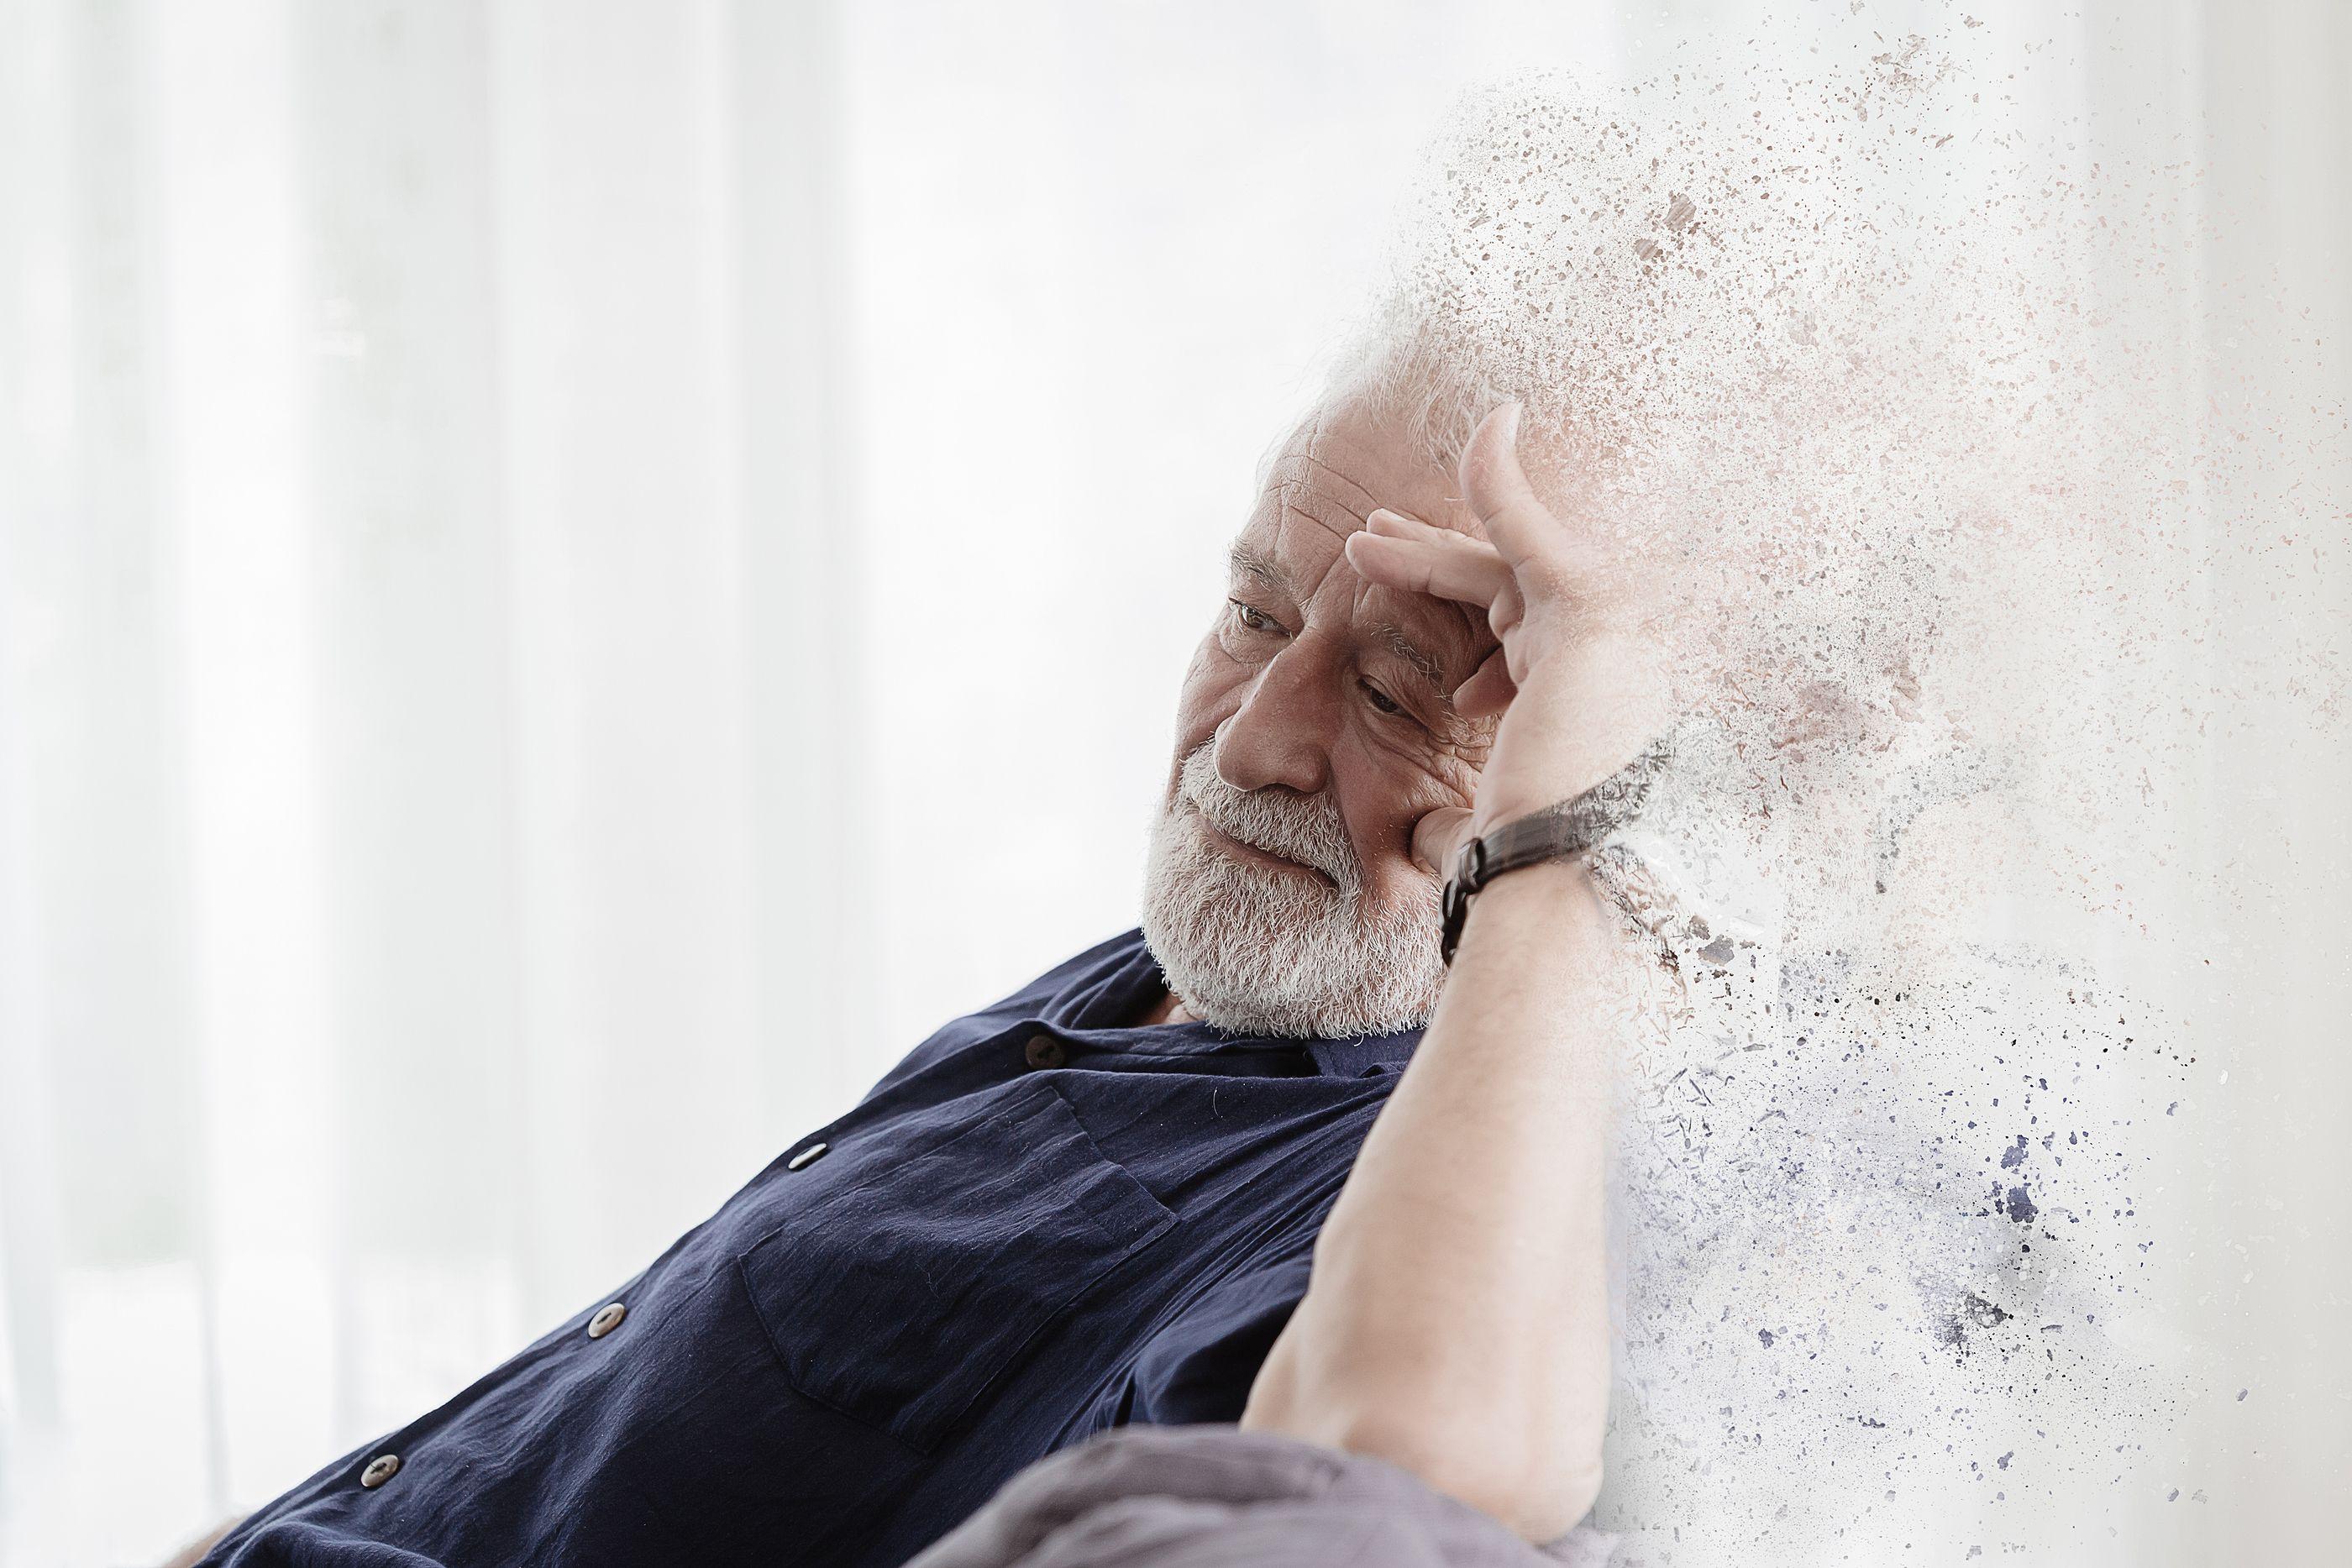 Hábitos de vida saludable disminuirían el riesgo de padecer Alzheimer